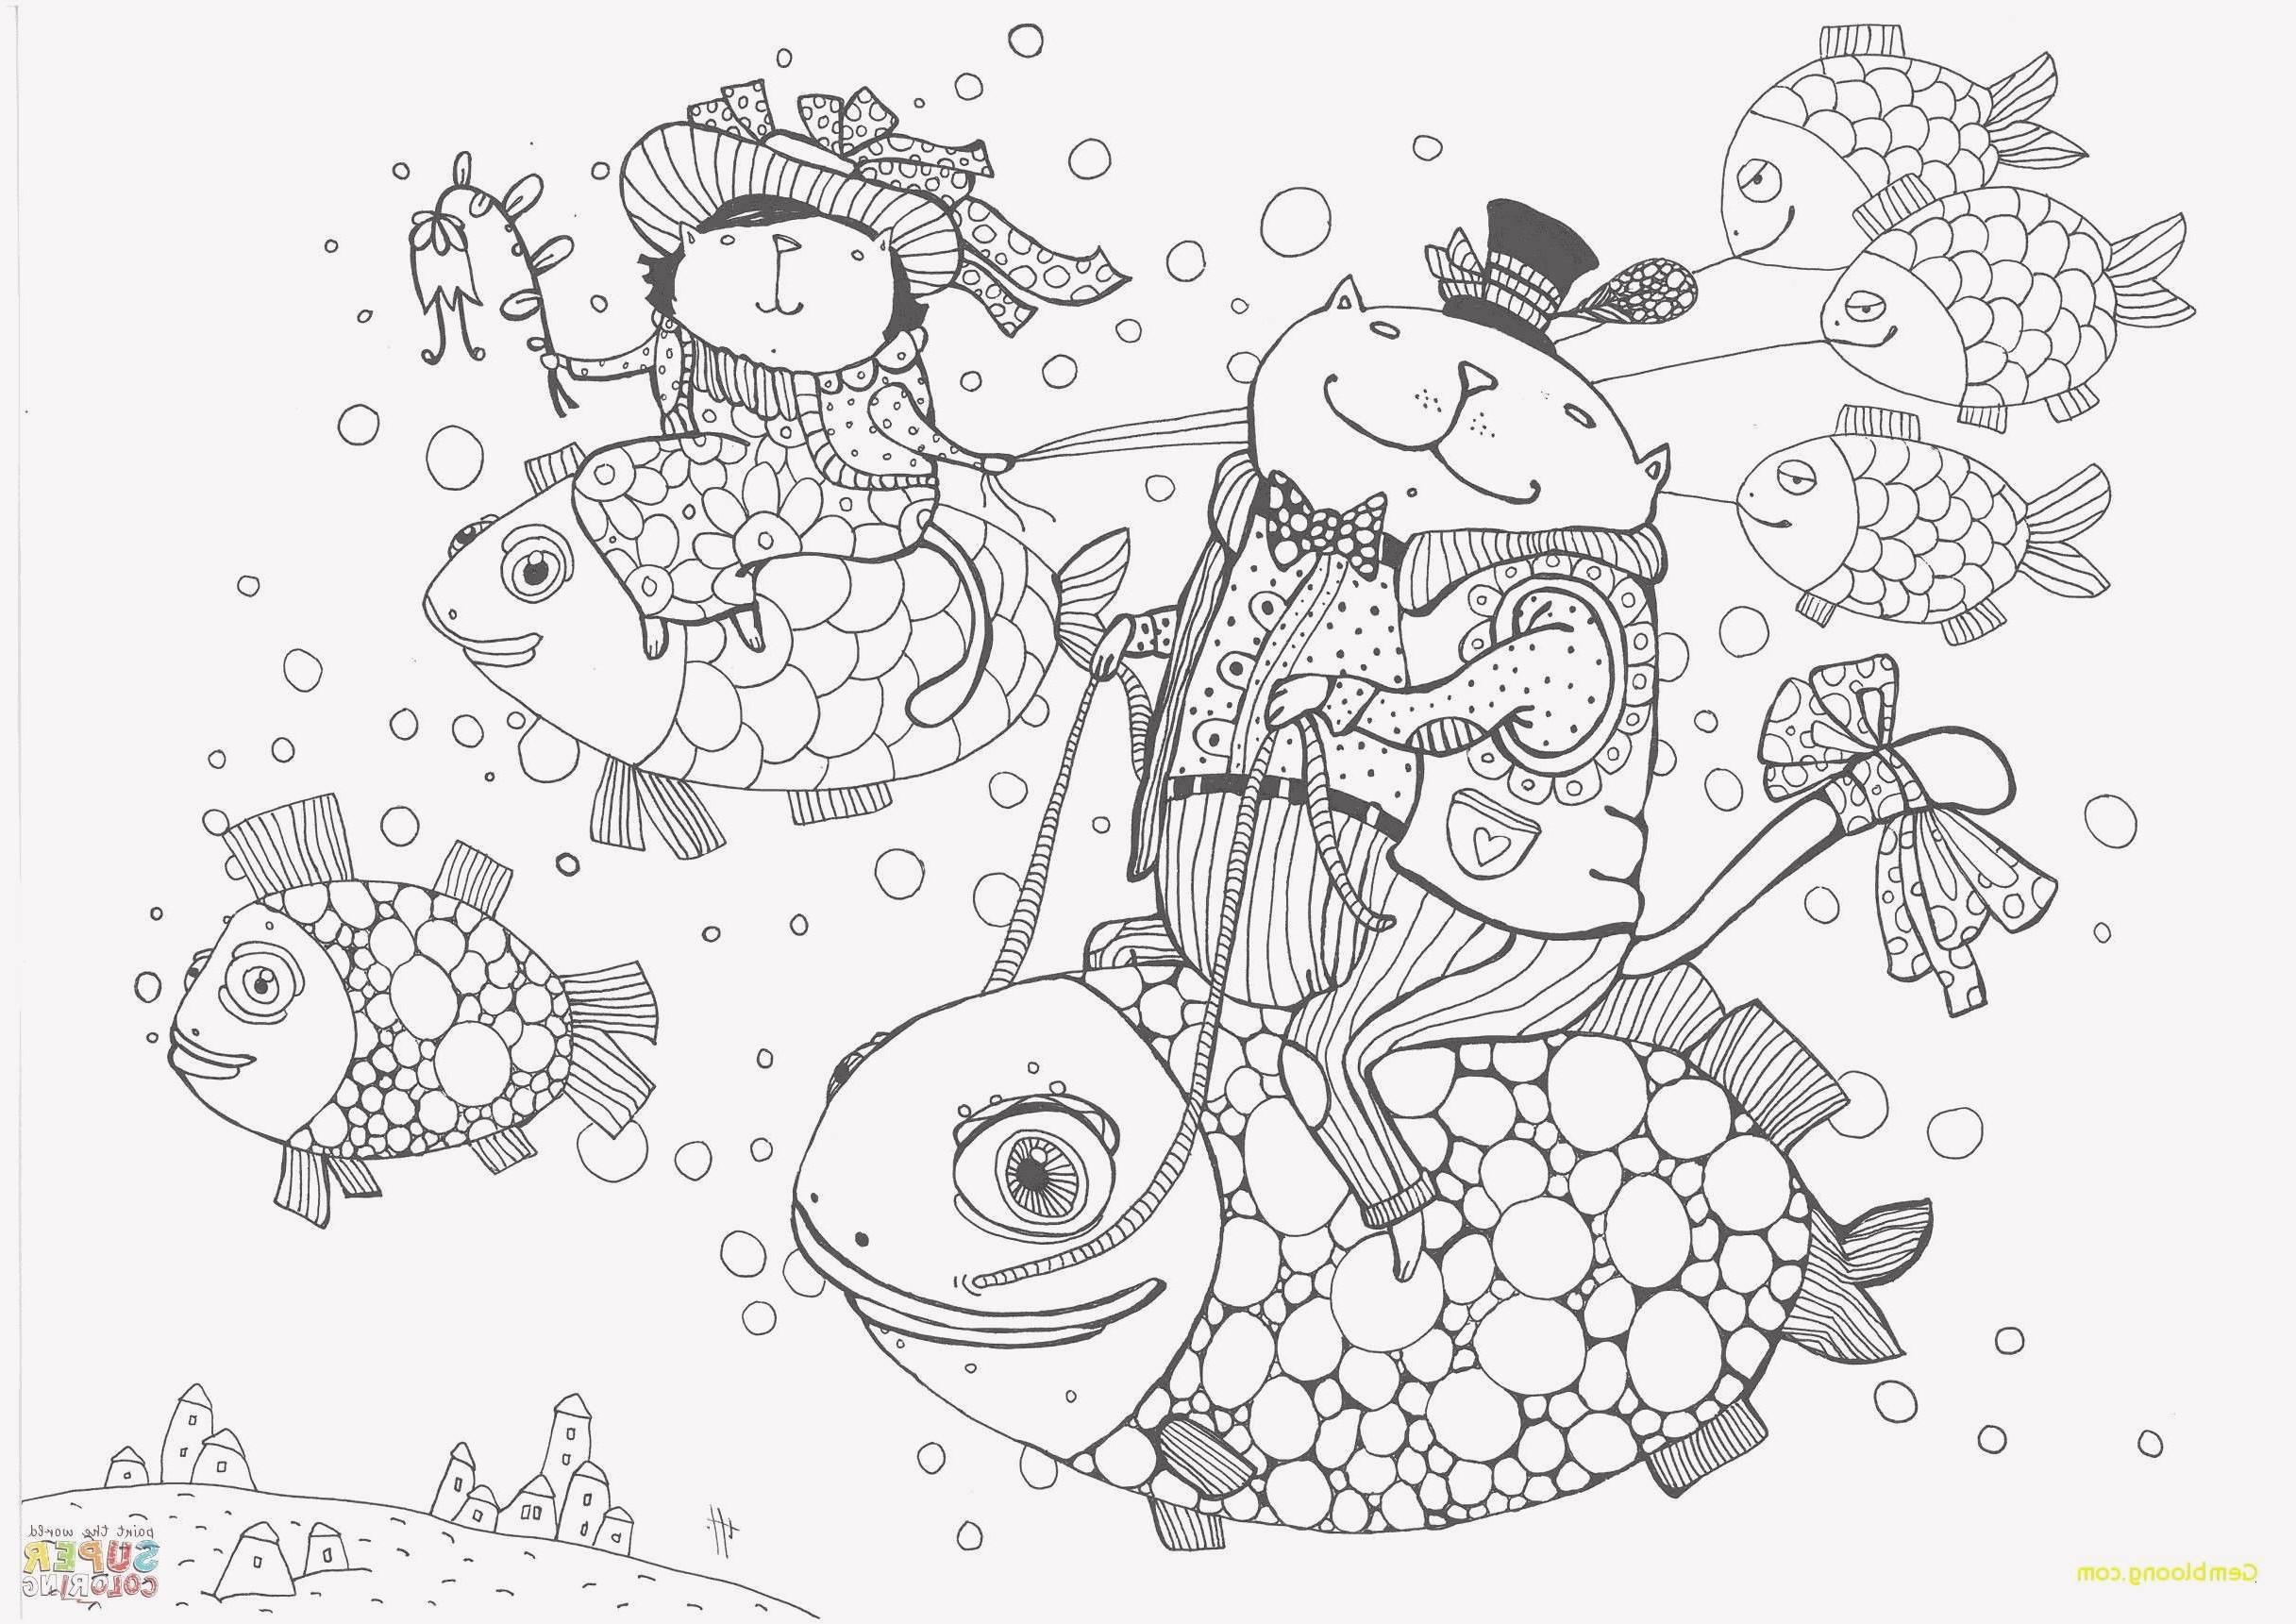 Einhorn Ausmalbilder Zum Ausdrucken Inspirierend 31 Frisch Einhorn Ausmalbilder – Malvorlagen Ideen Stock